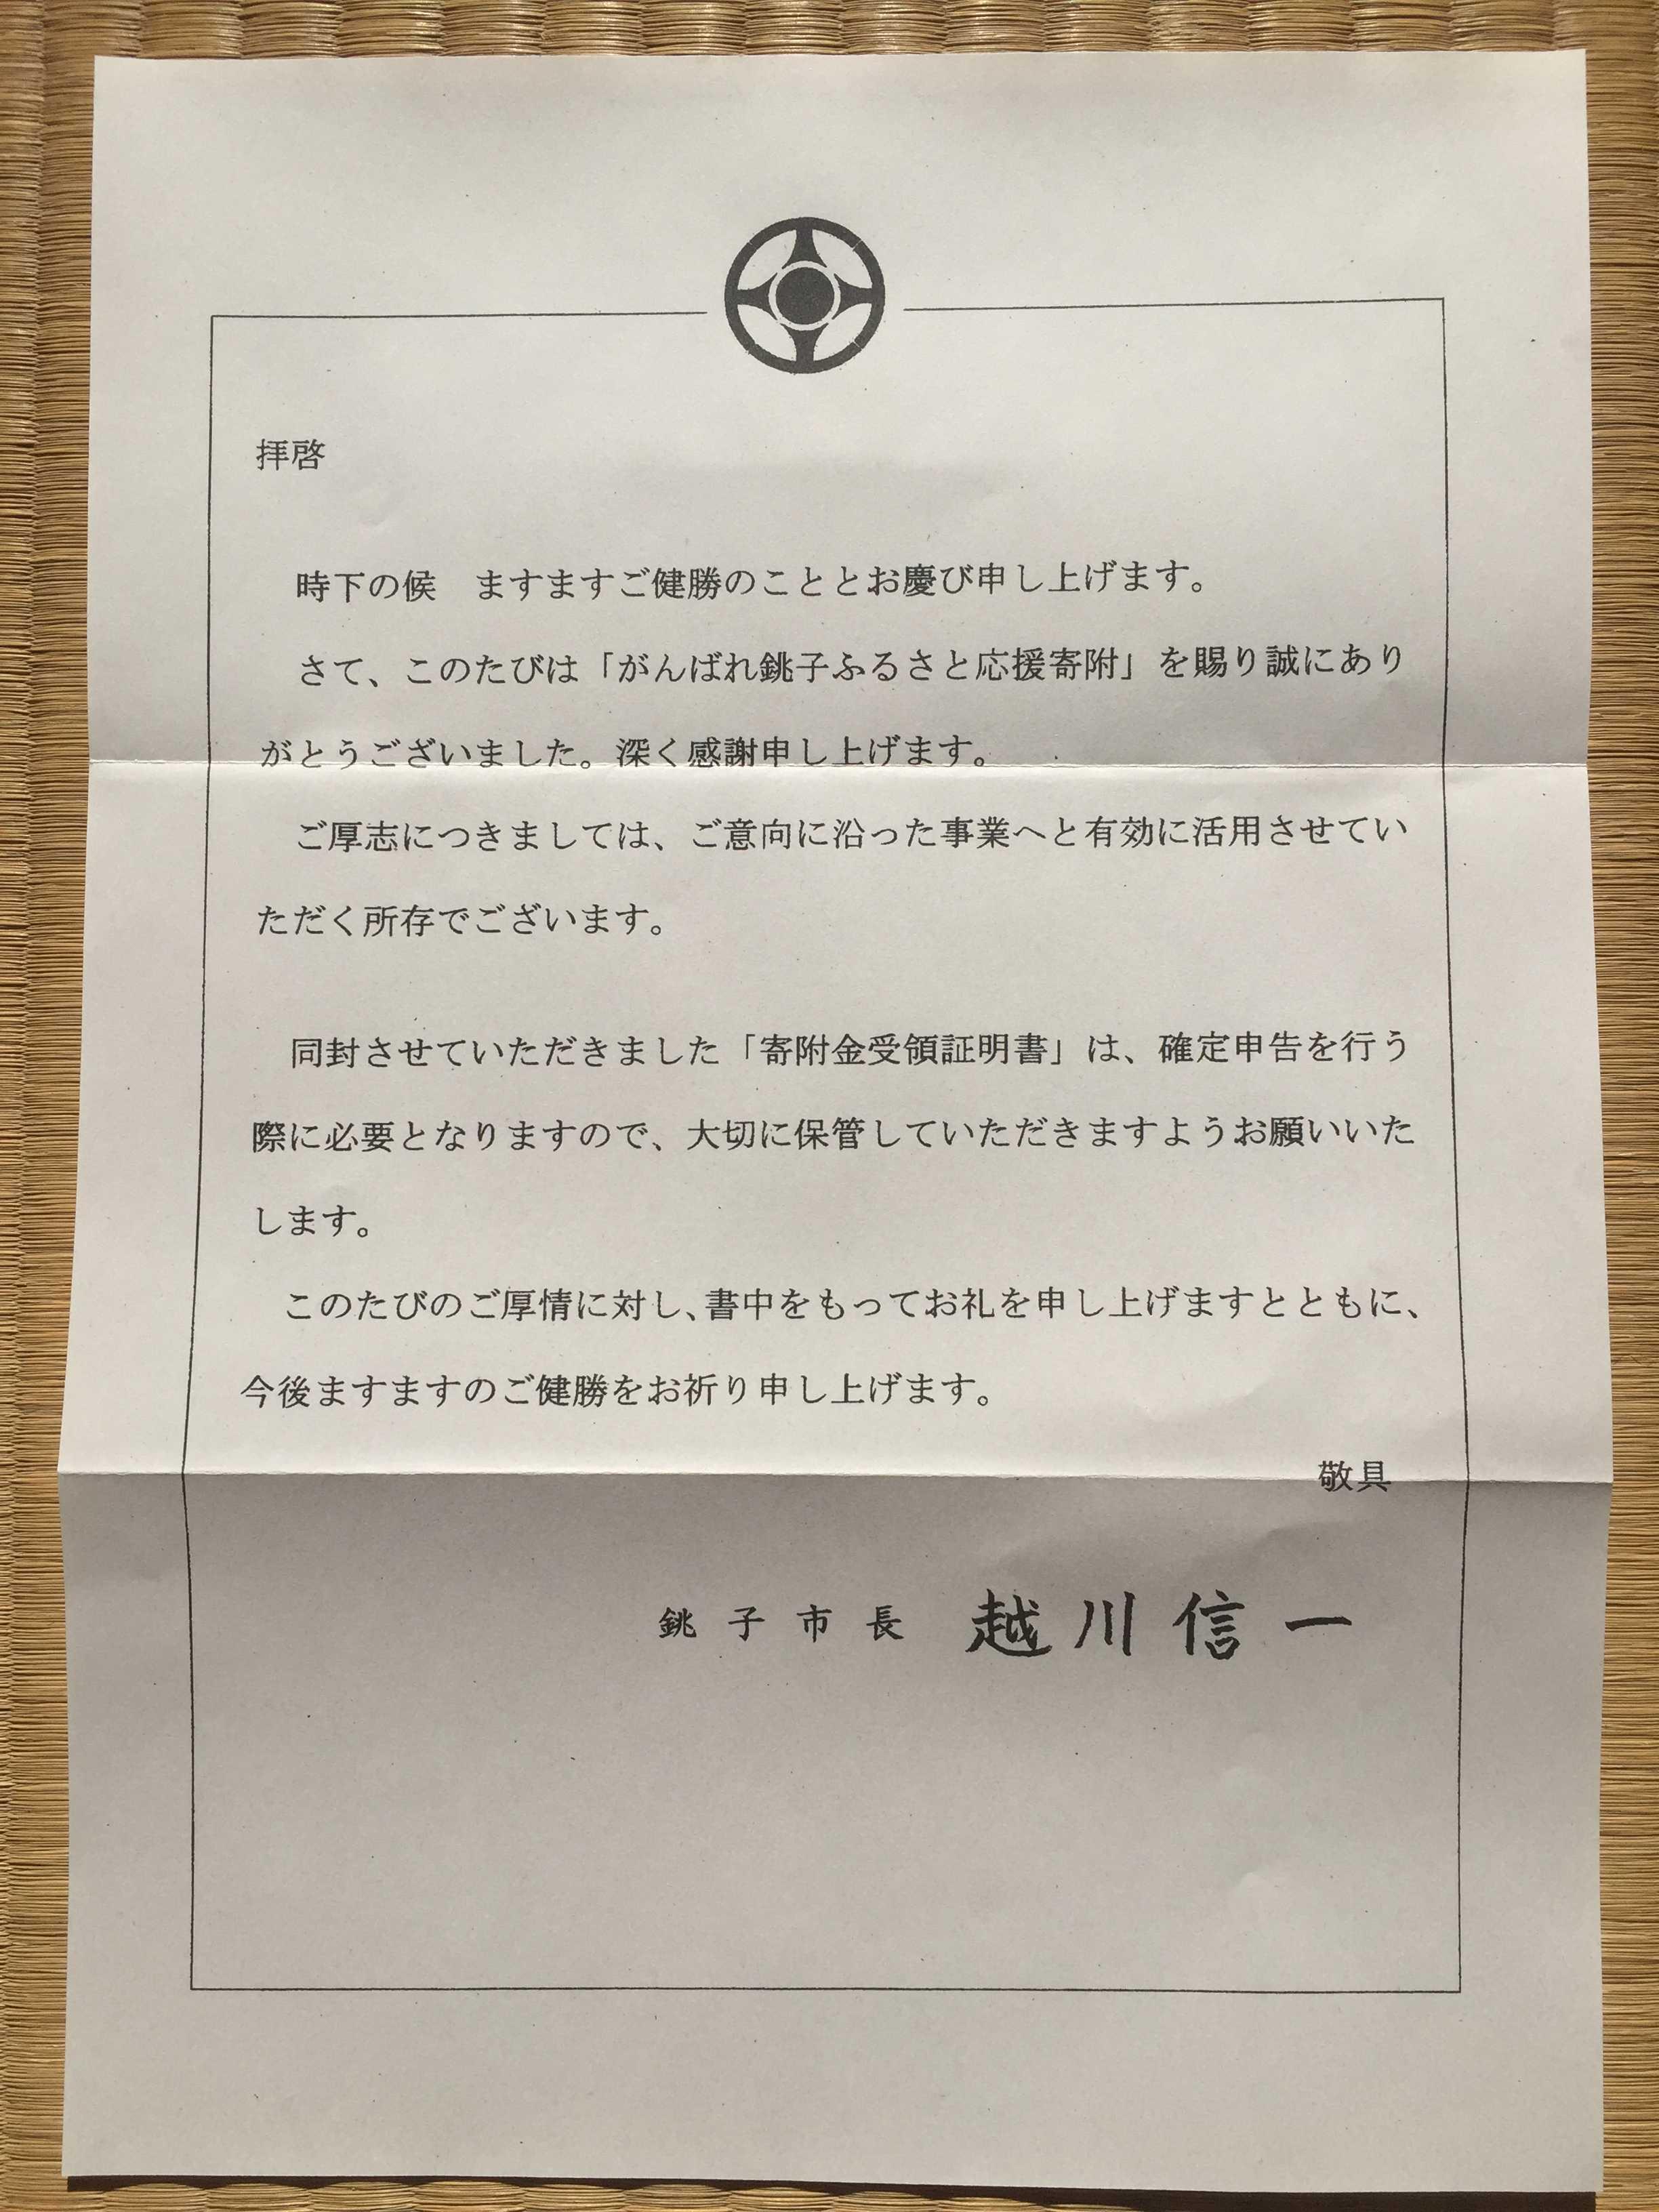 越川信一・銚子市長からの「がんばれ銚子ふるさと応援寄附」への御礼の手紙